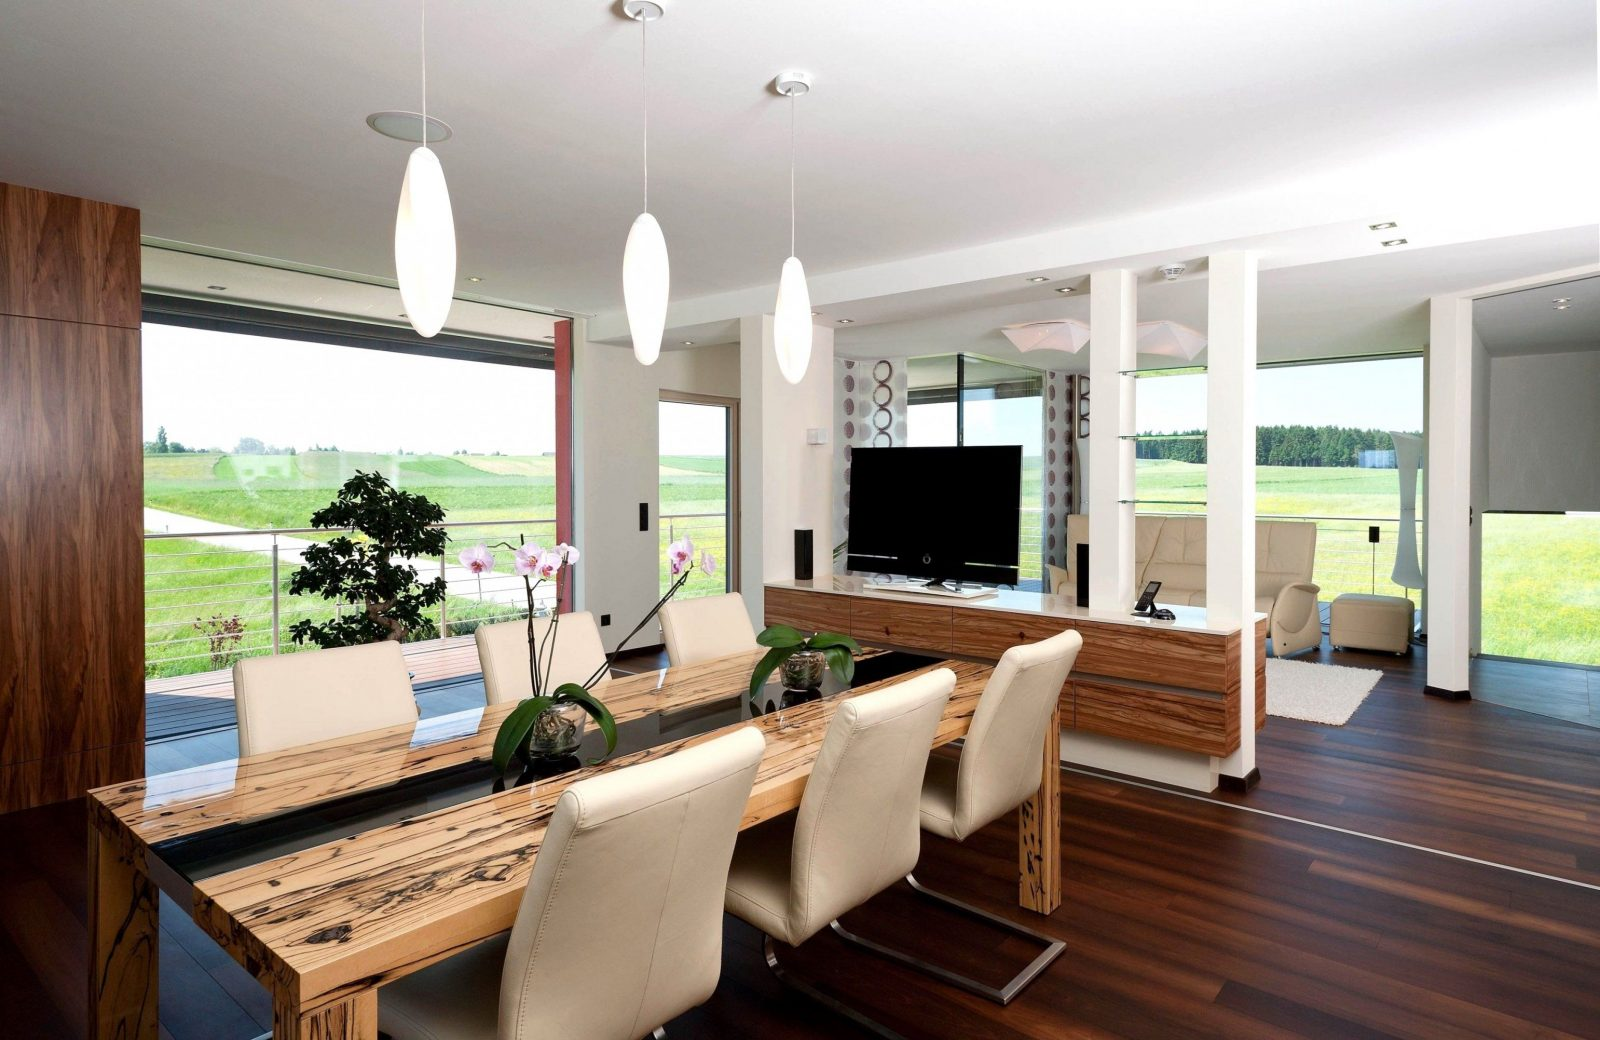 Wohnzimmer Neu Gestalten Tipps 39 Luxus Auflistung Von Wohnzimmer